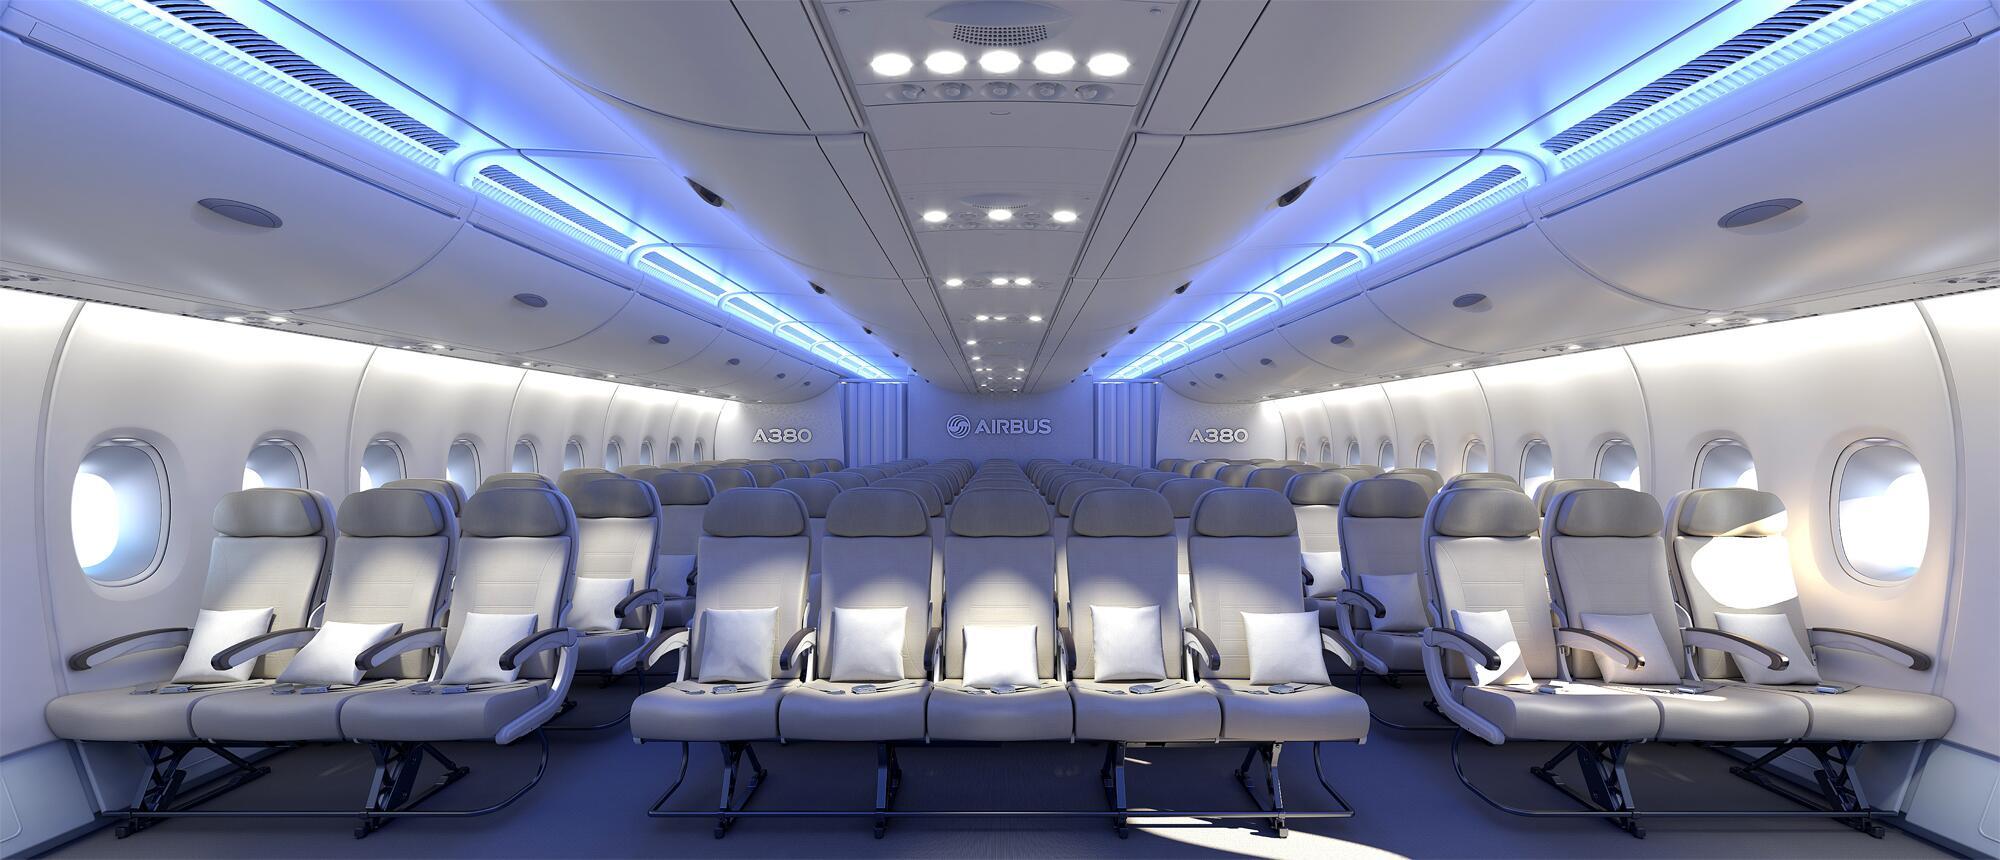 Bild zu Sitzreihen Airbus A380